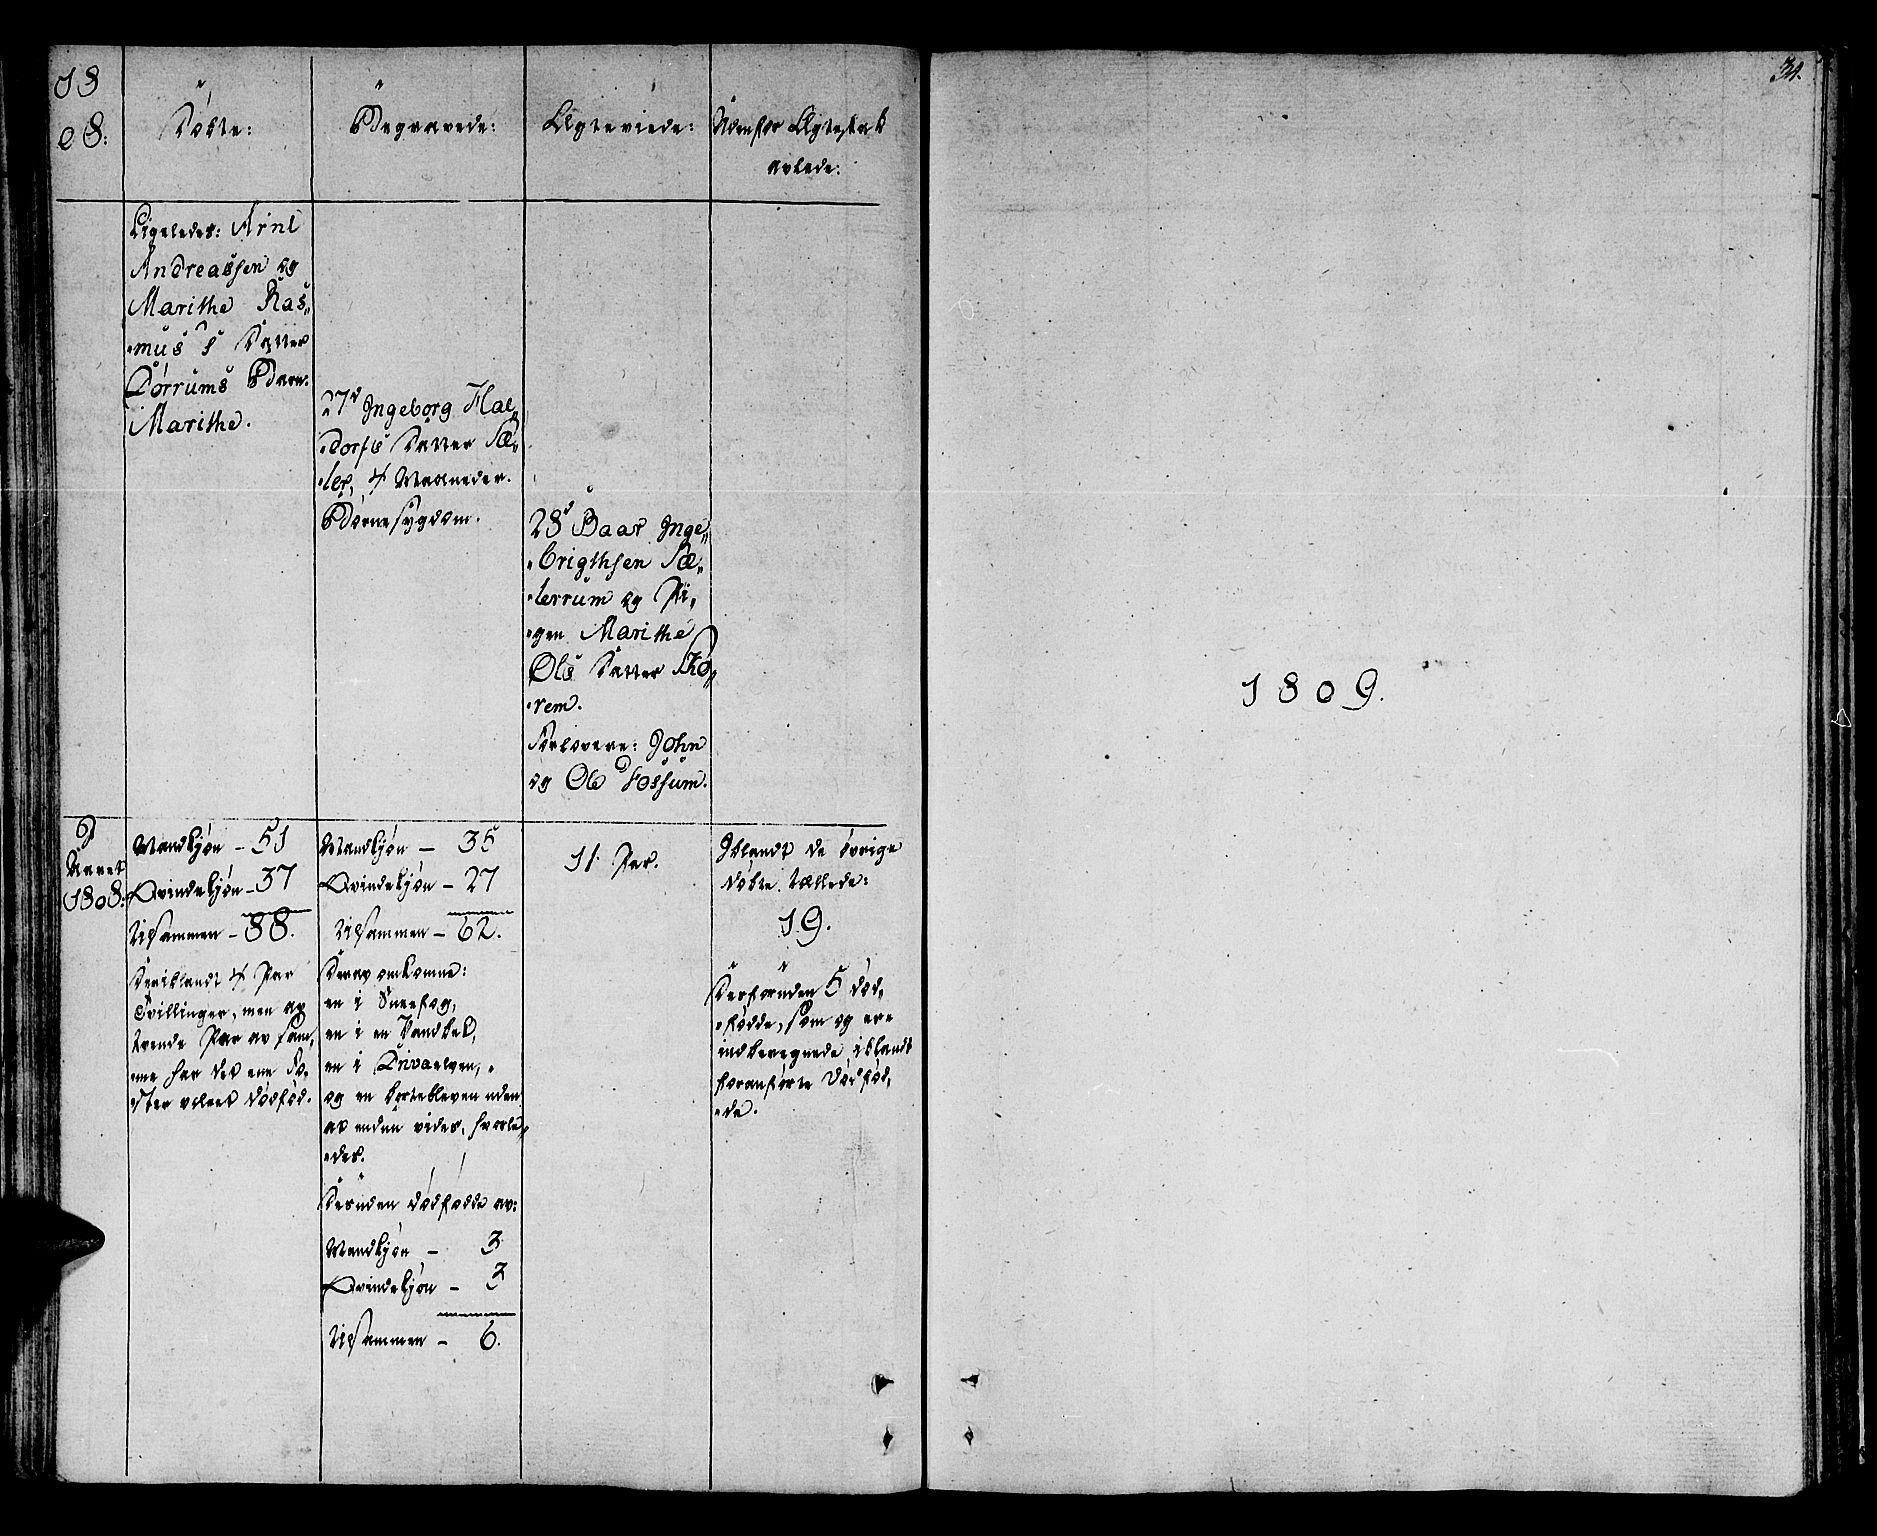 SAT, Ministerialprotokoller, klokkerbøker og fødselsregistre - Sør-Trøndelag, 678/L0894: Ministerialbok nr. 678A04, 1806-1815, s. 34